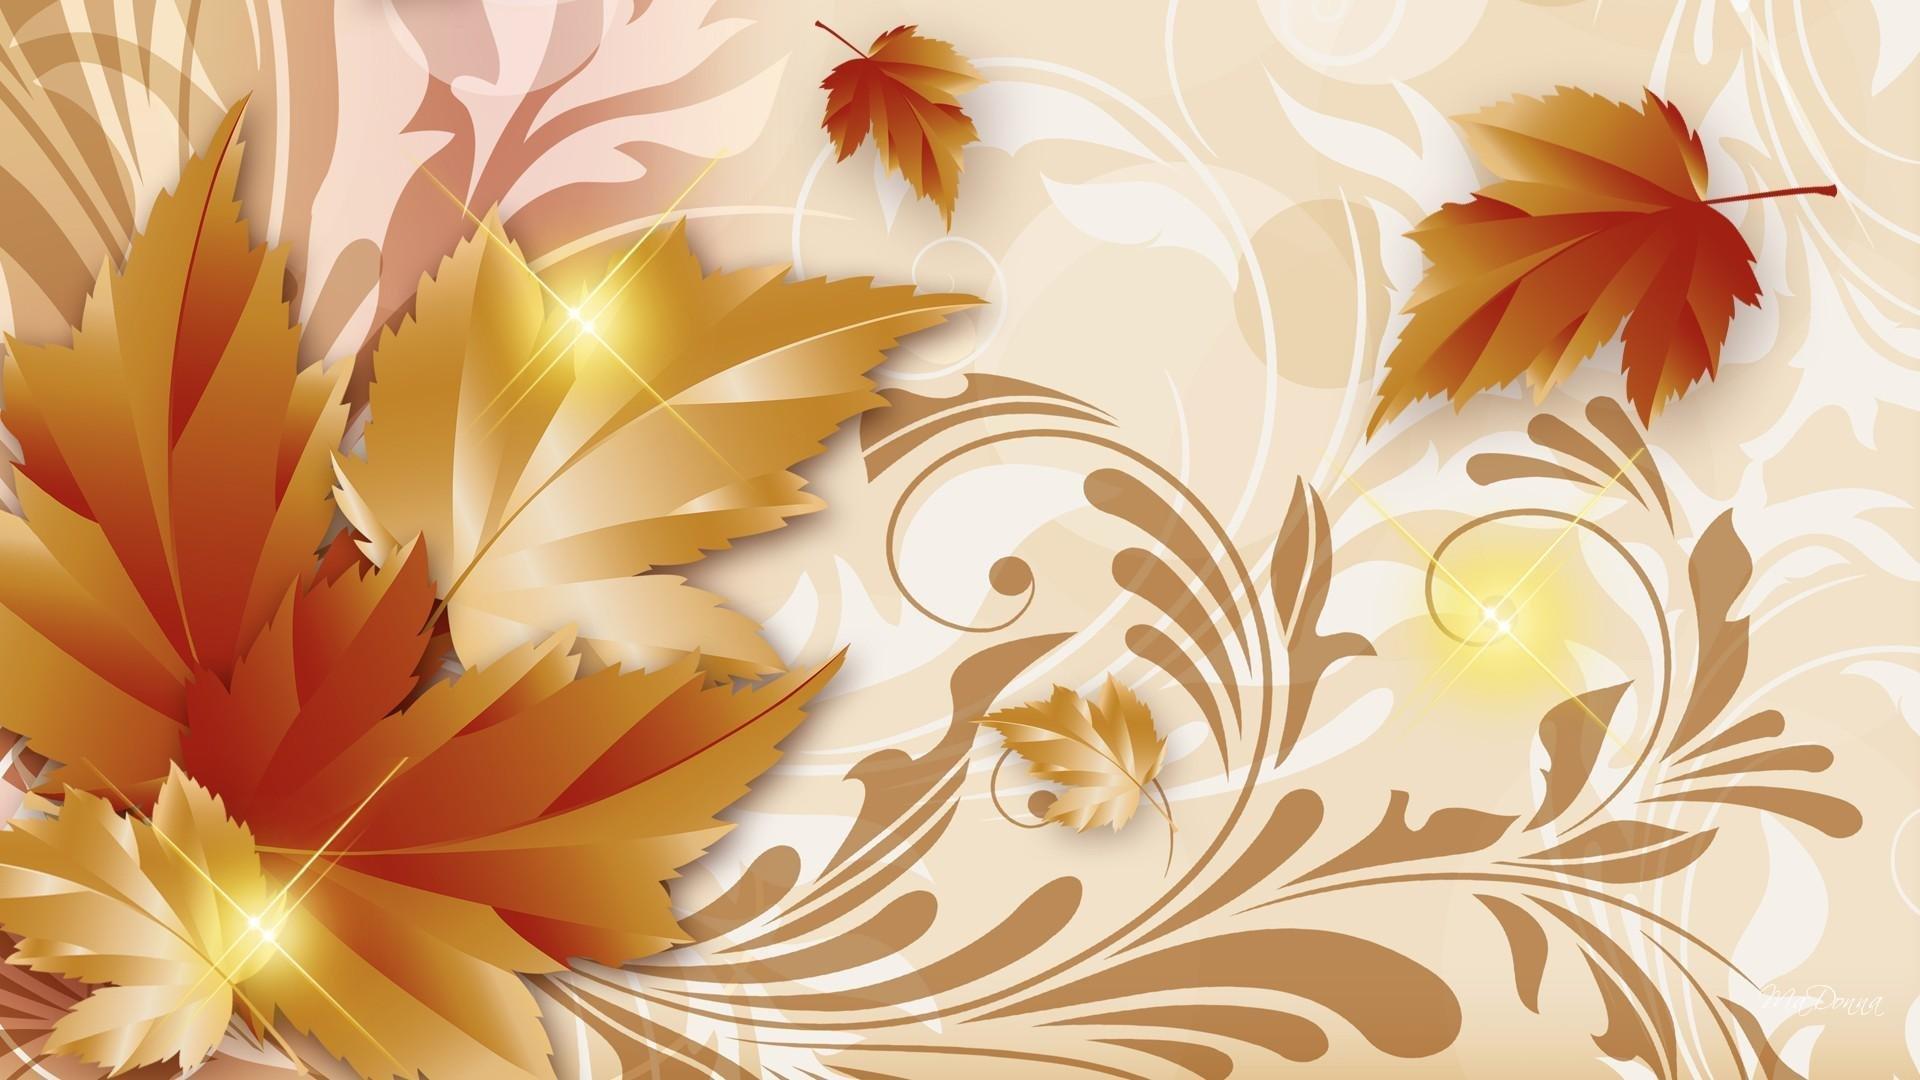 Фон осень картинки красивые